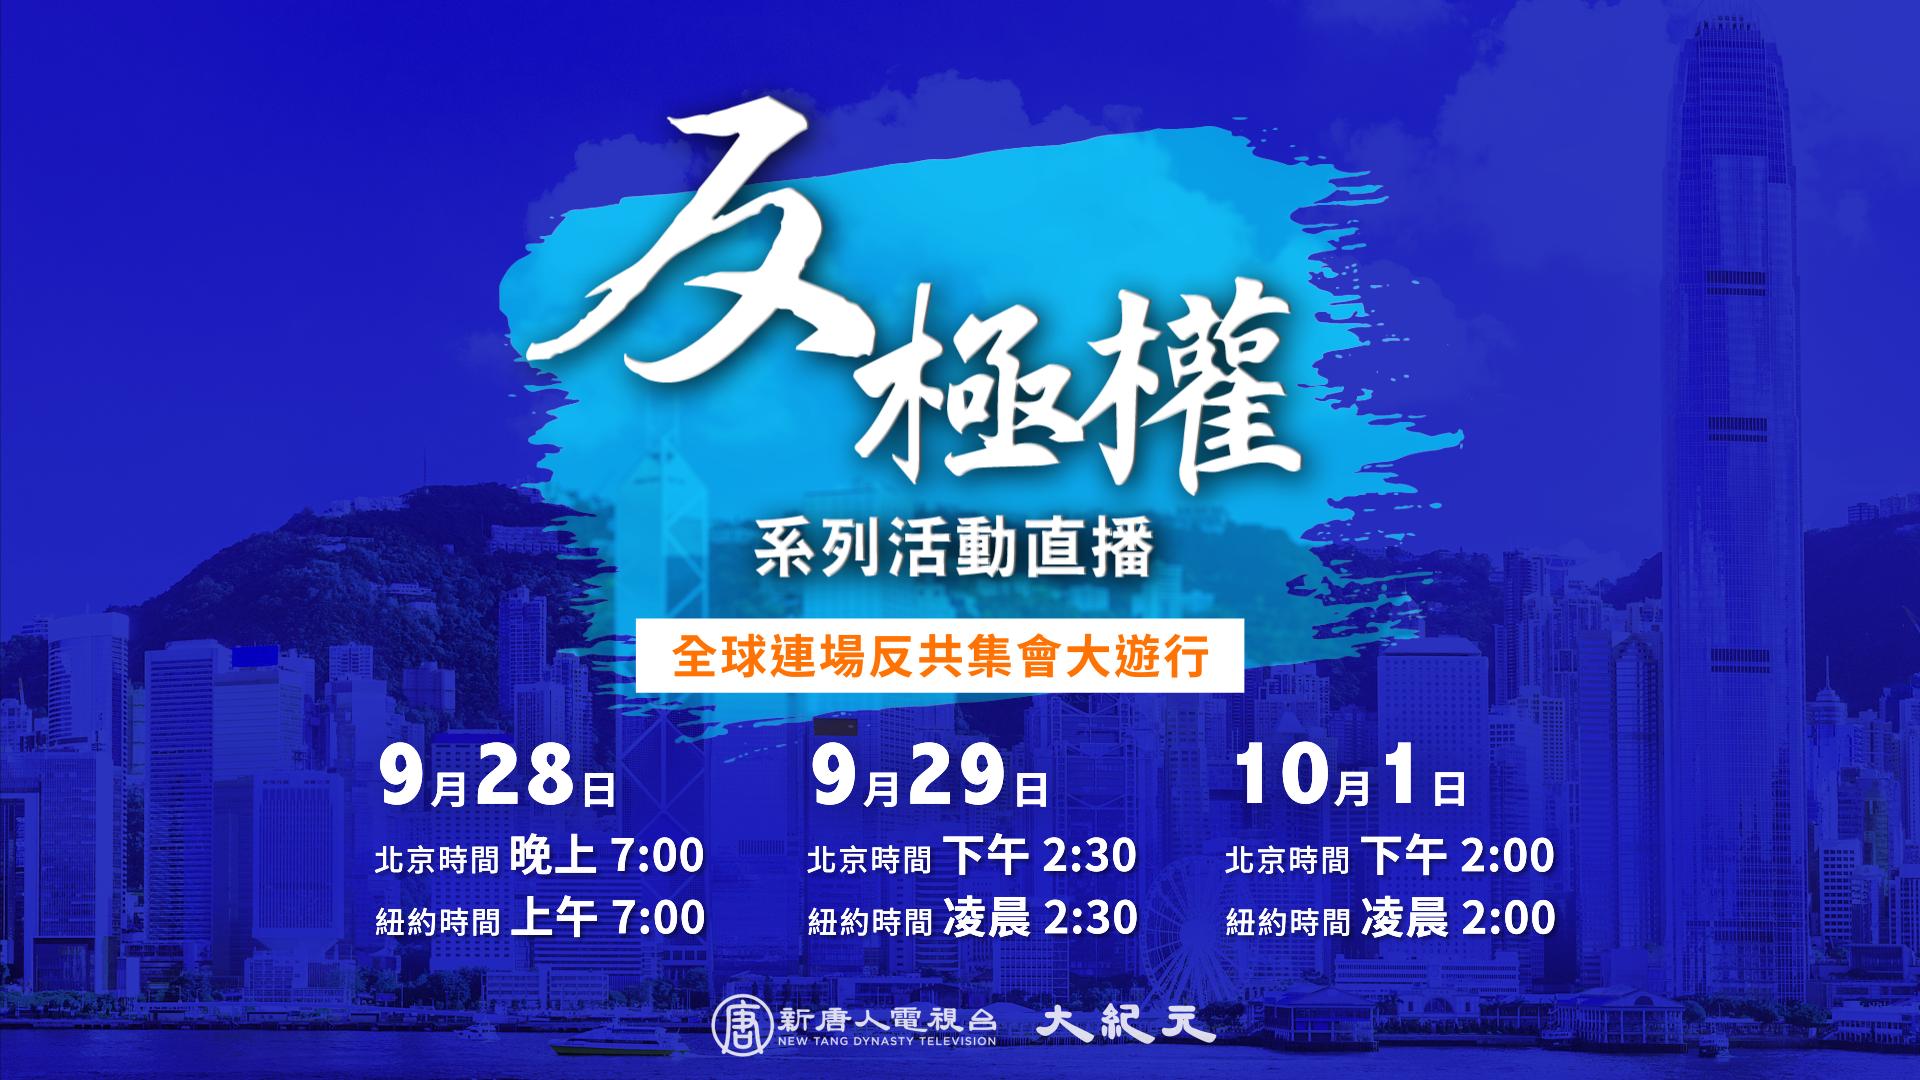 【9.29反極權直播】全球逾40城反共集會遊行